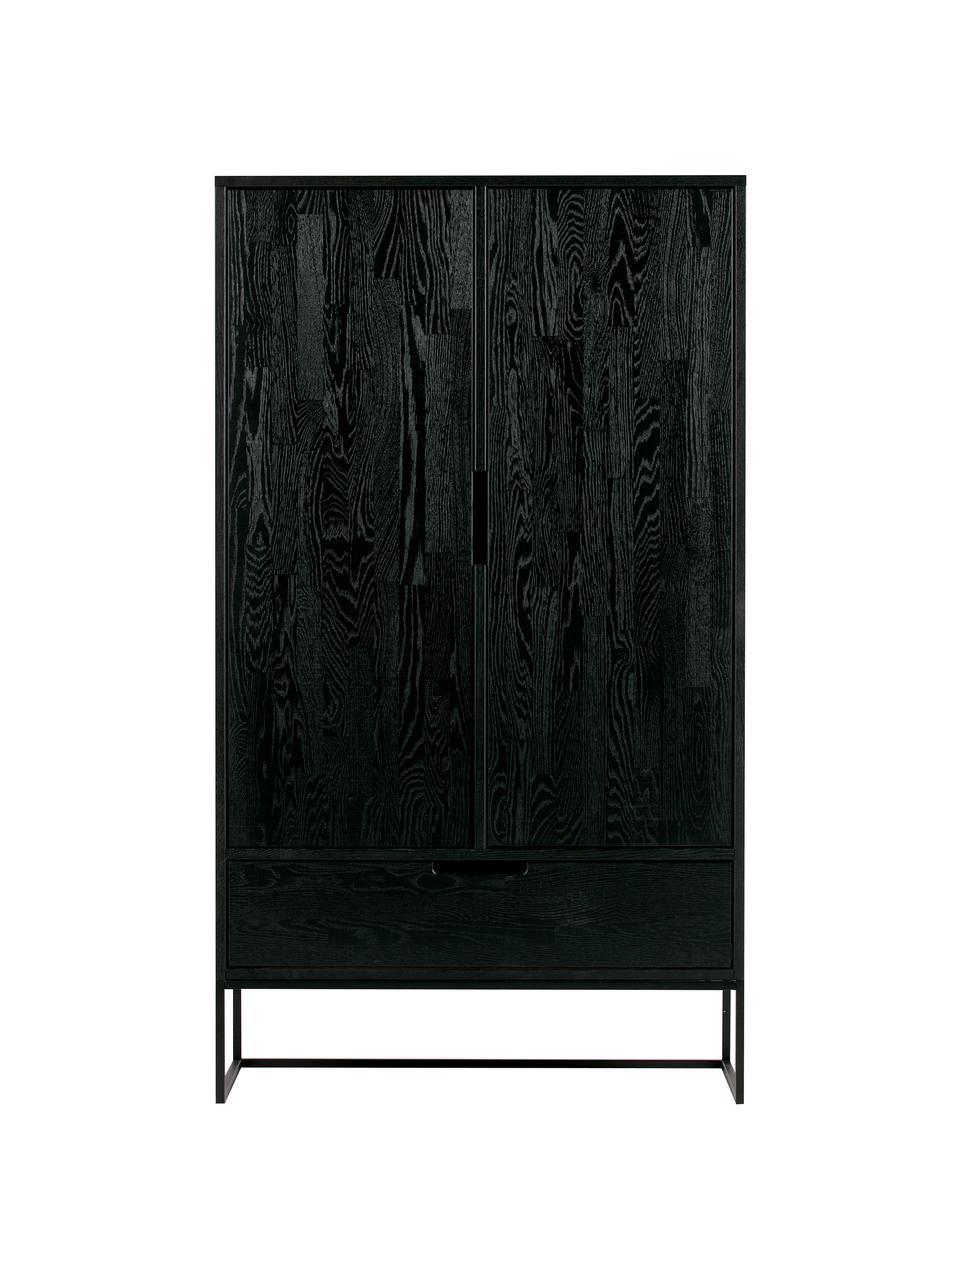 Wysoka komoda z drewna Silas, Korpus: drewno dębowe, szczotkowa, Nogi: metal lakierowany, Czarny, S 85 x W 149 cm